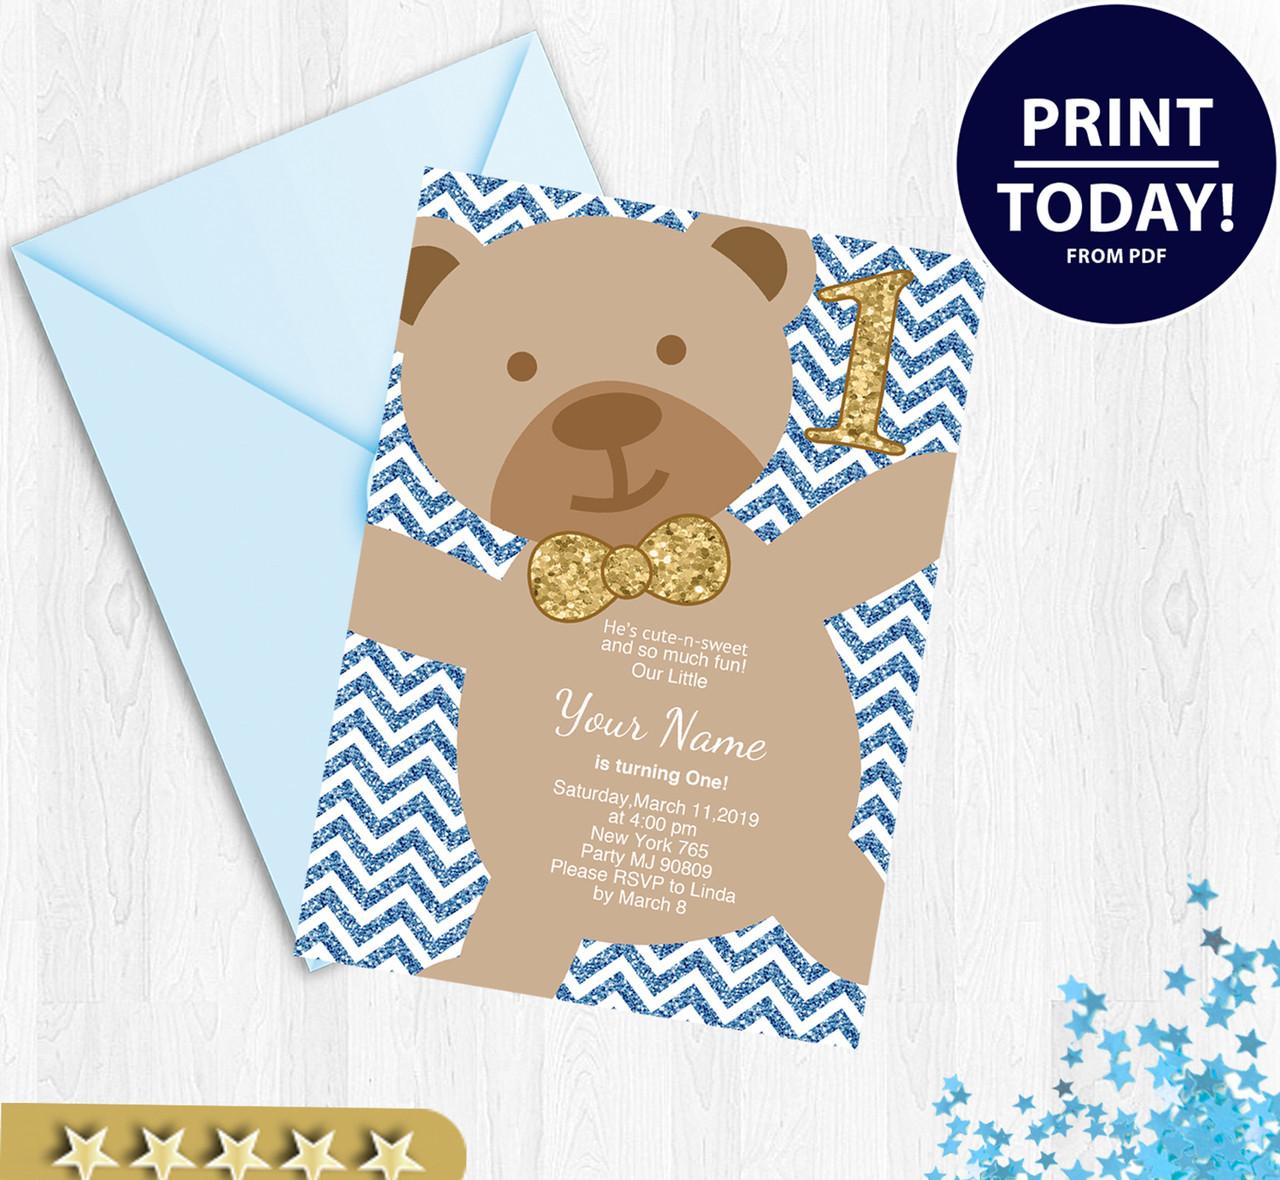 boy bear birthday invitation bear birthday invitations chevron background bear birthday party my 1st birthday digital invitation printables